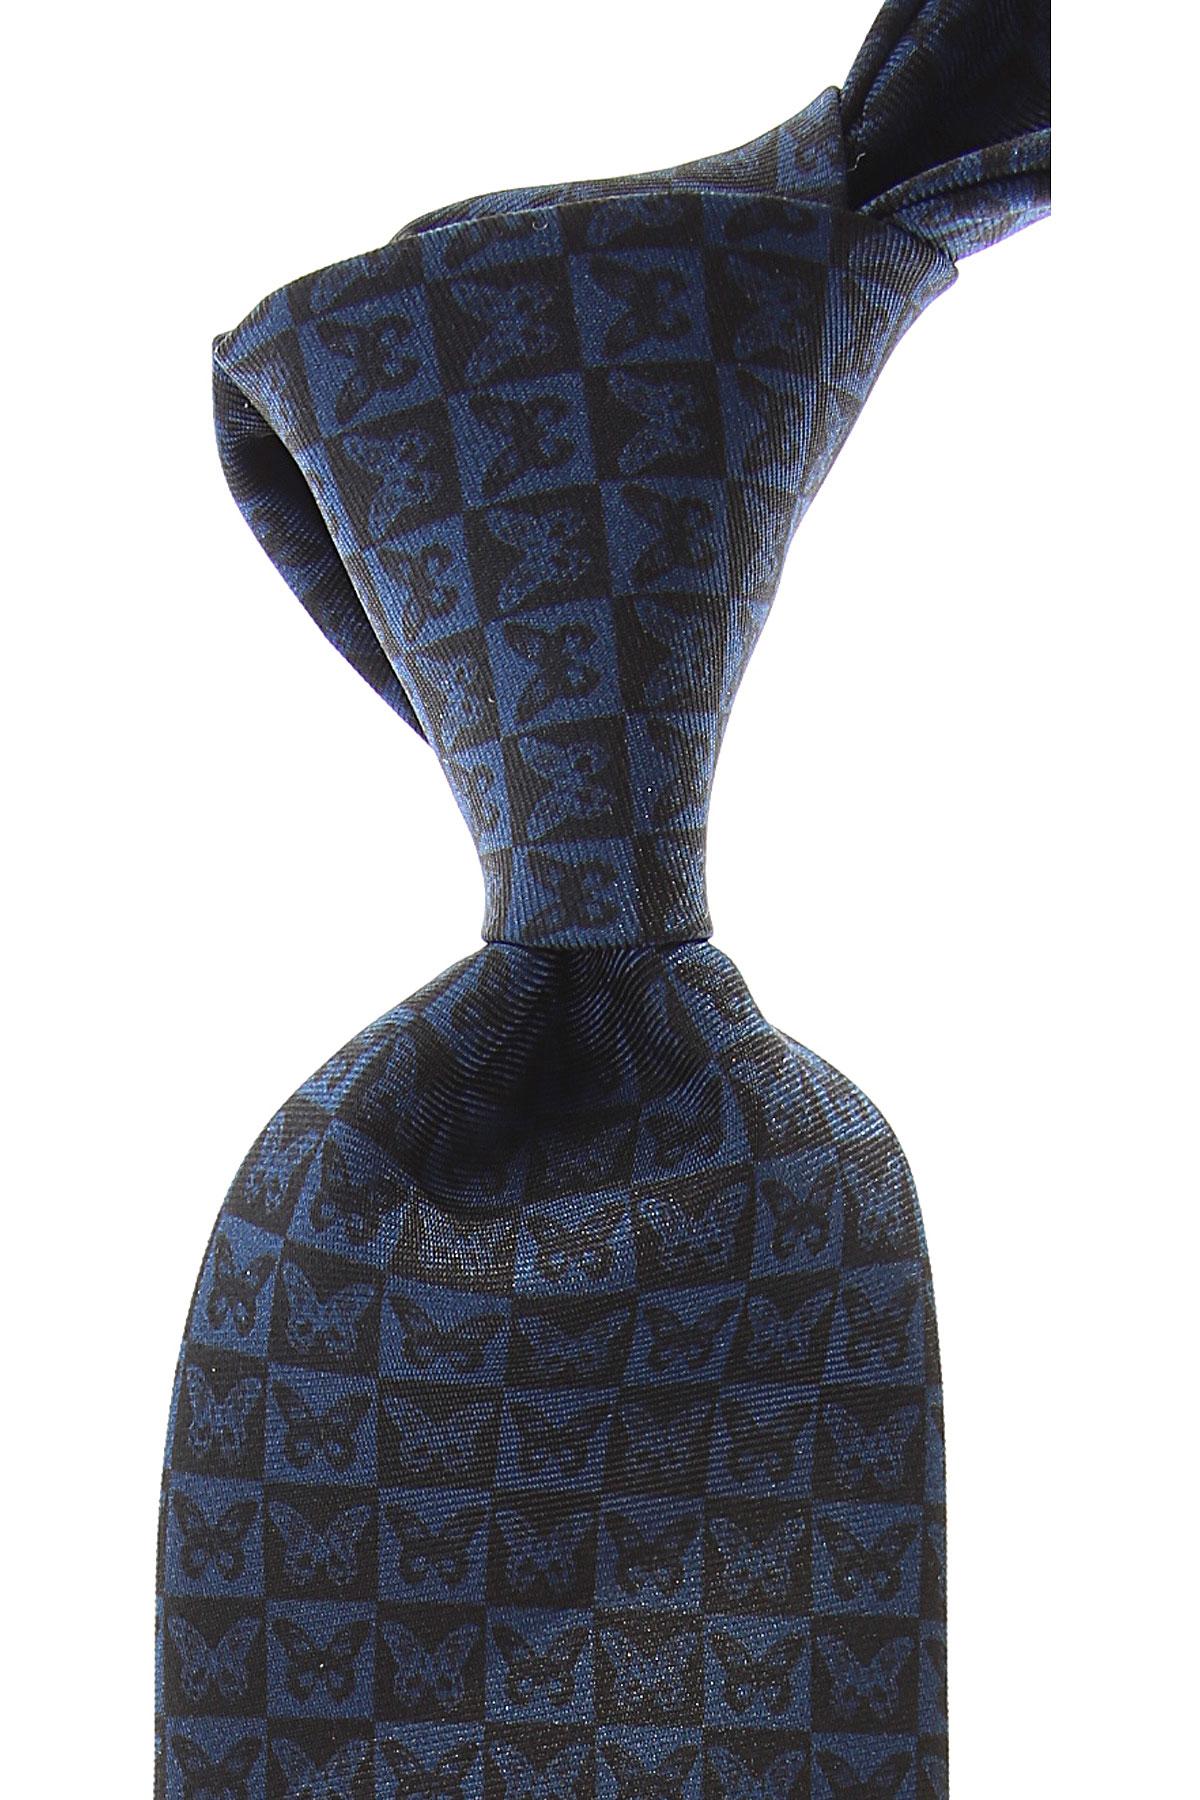 Christian Lacroix Ties On Sale, Medium Blue, Silk, 2019